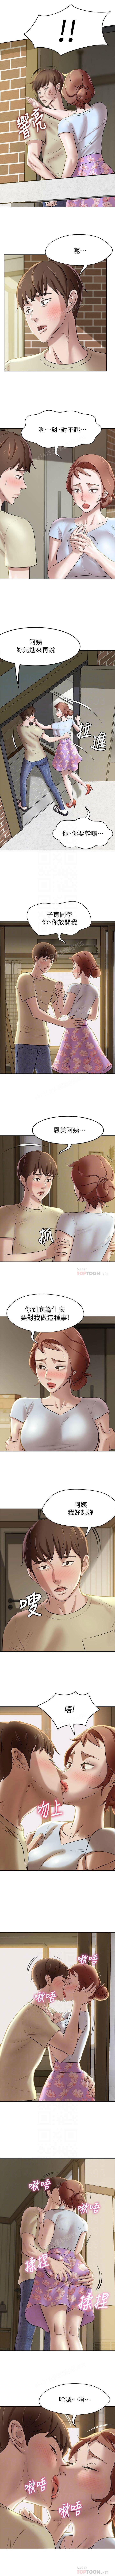 panty note 小褲褲筆記 小裤裤笔记 01-35 连载中 中文 重新排序 Reorder 67